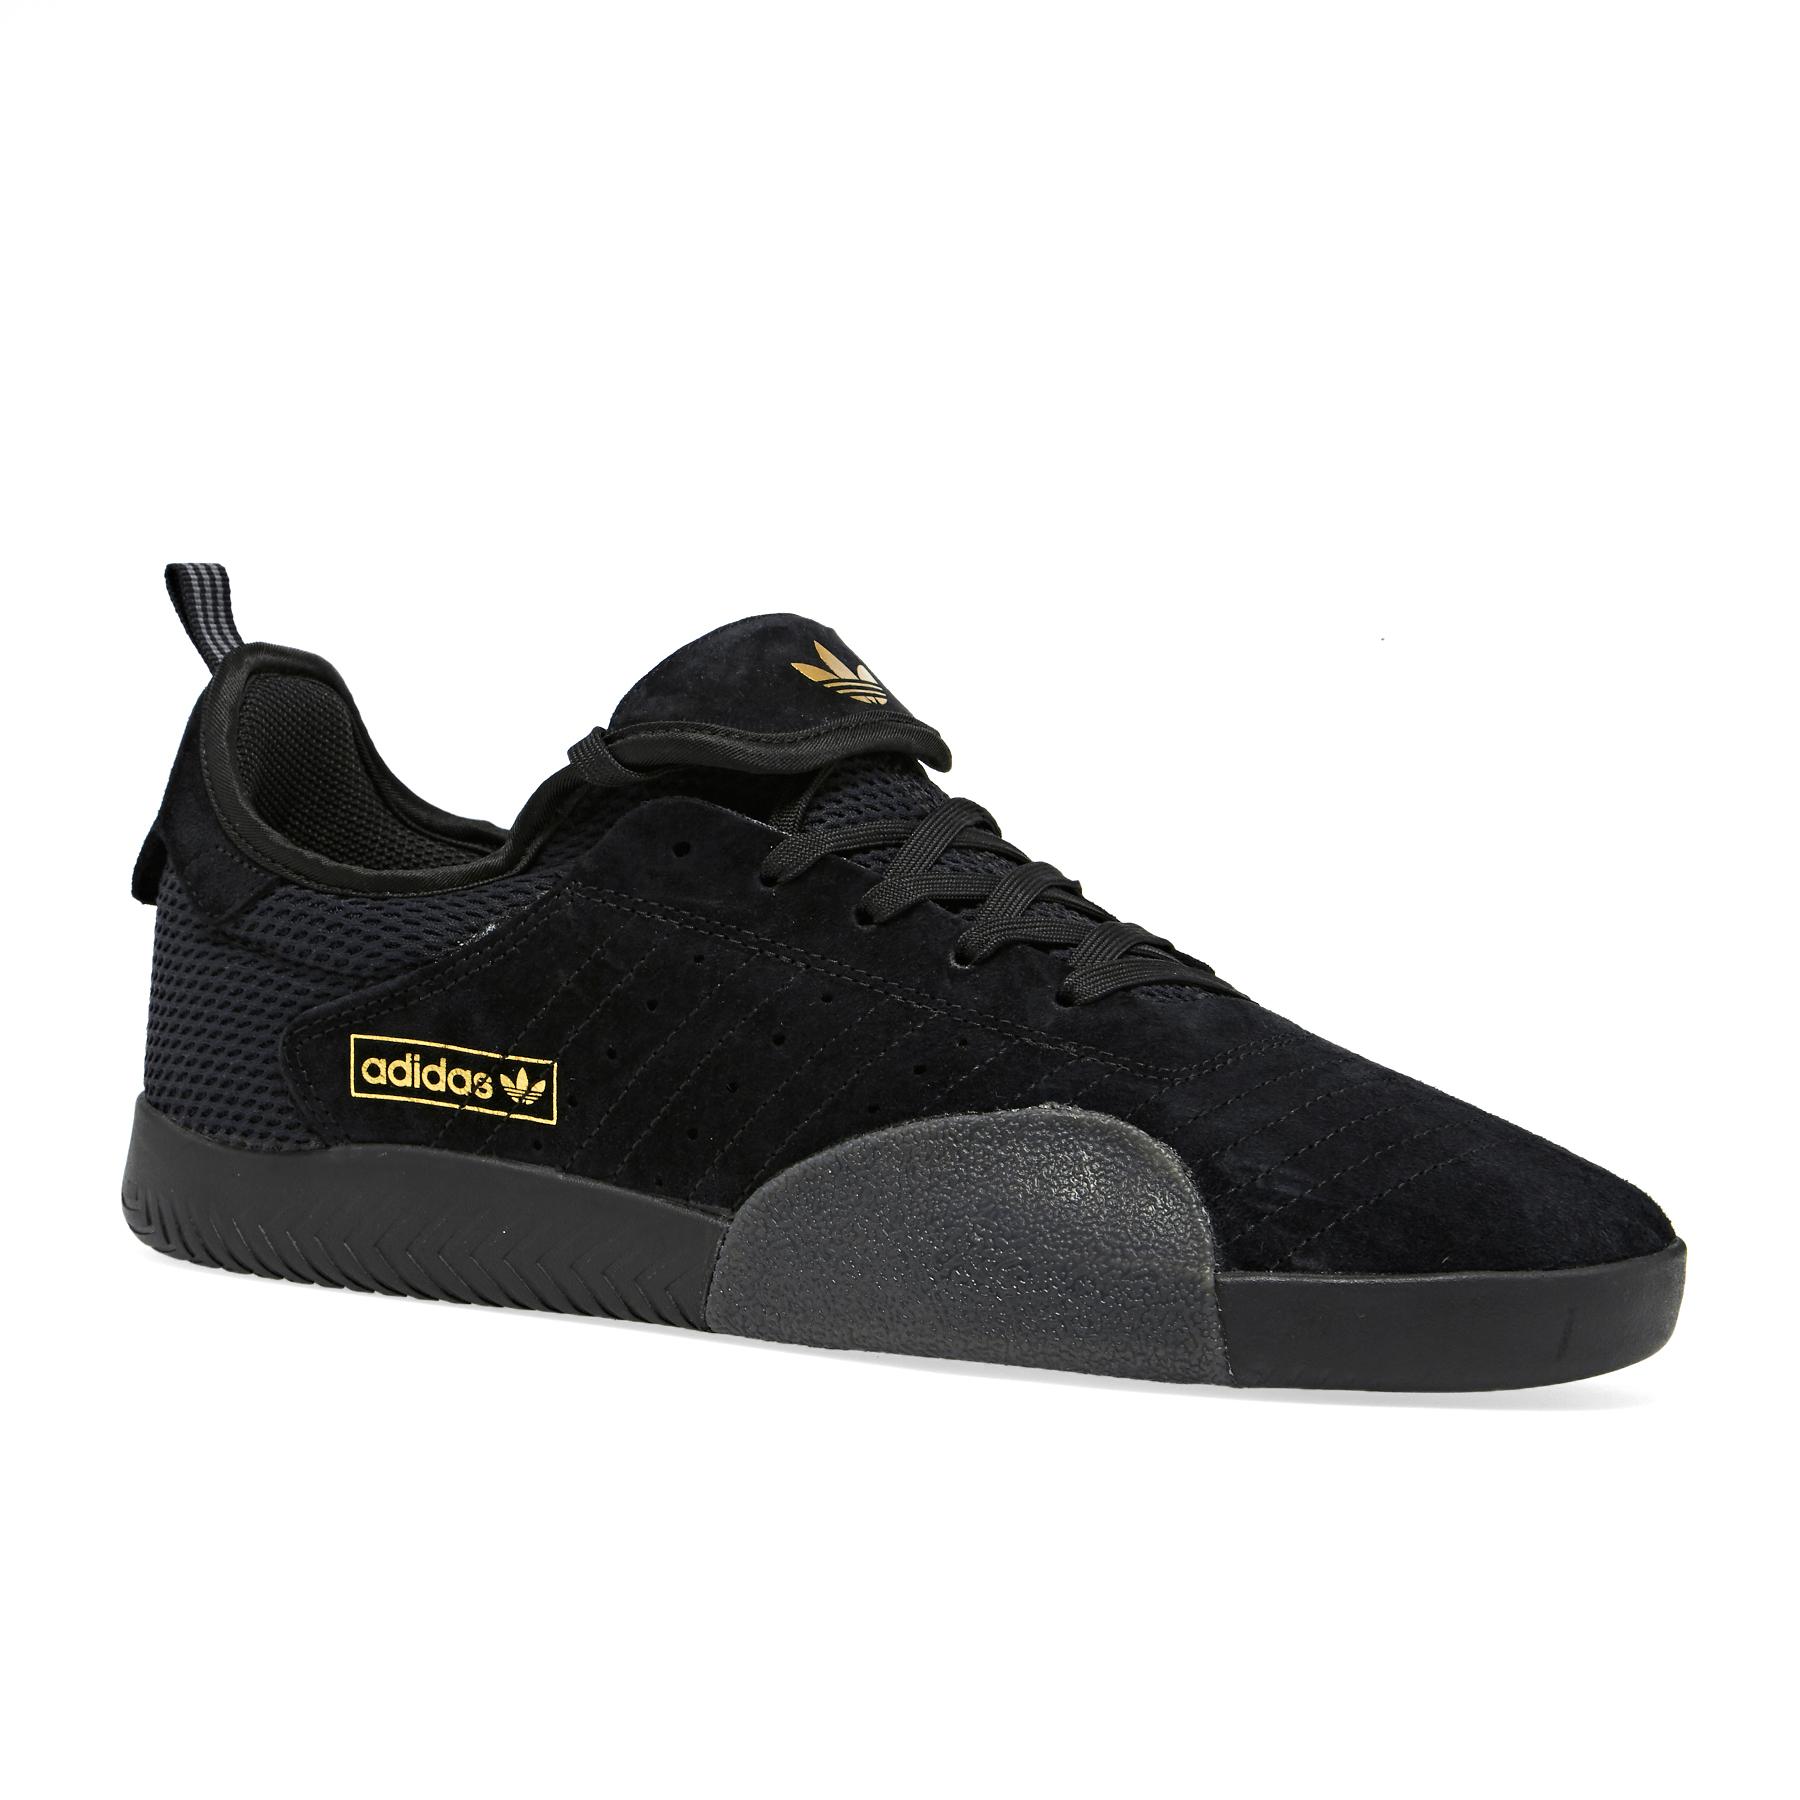 Adidas 3ST.003 core blackwhitegold Schuhe